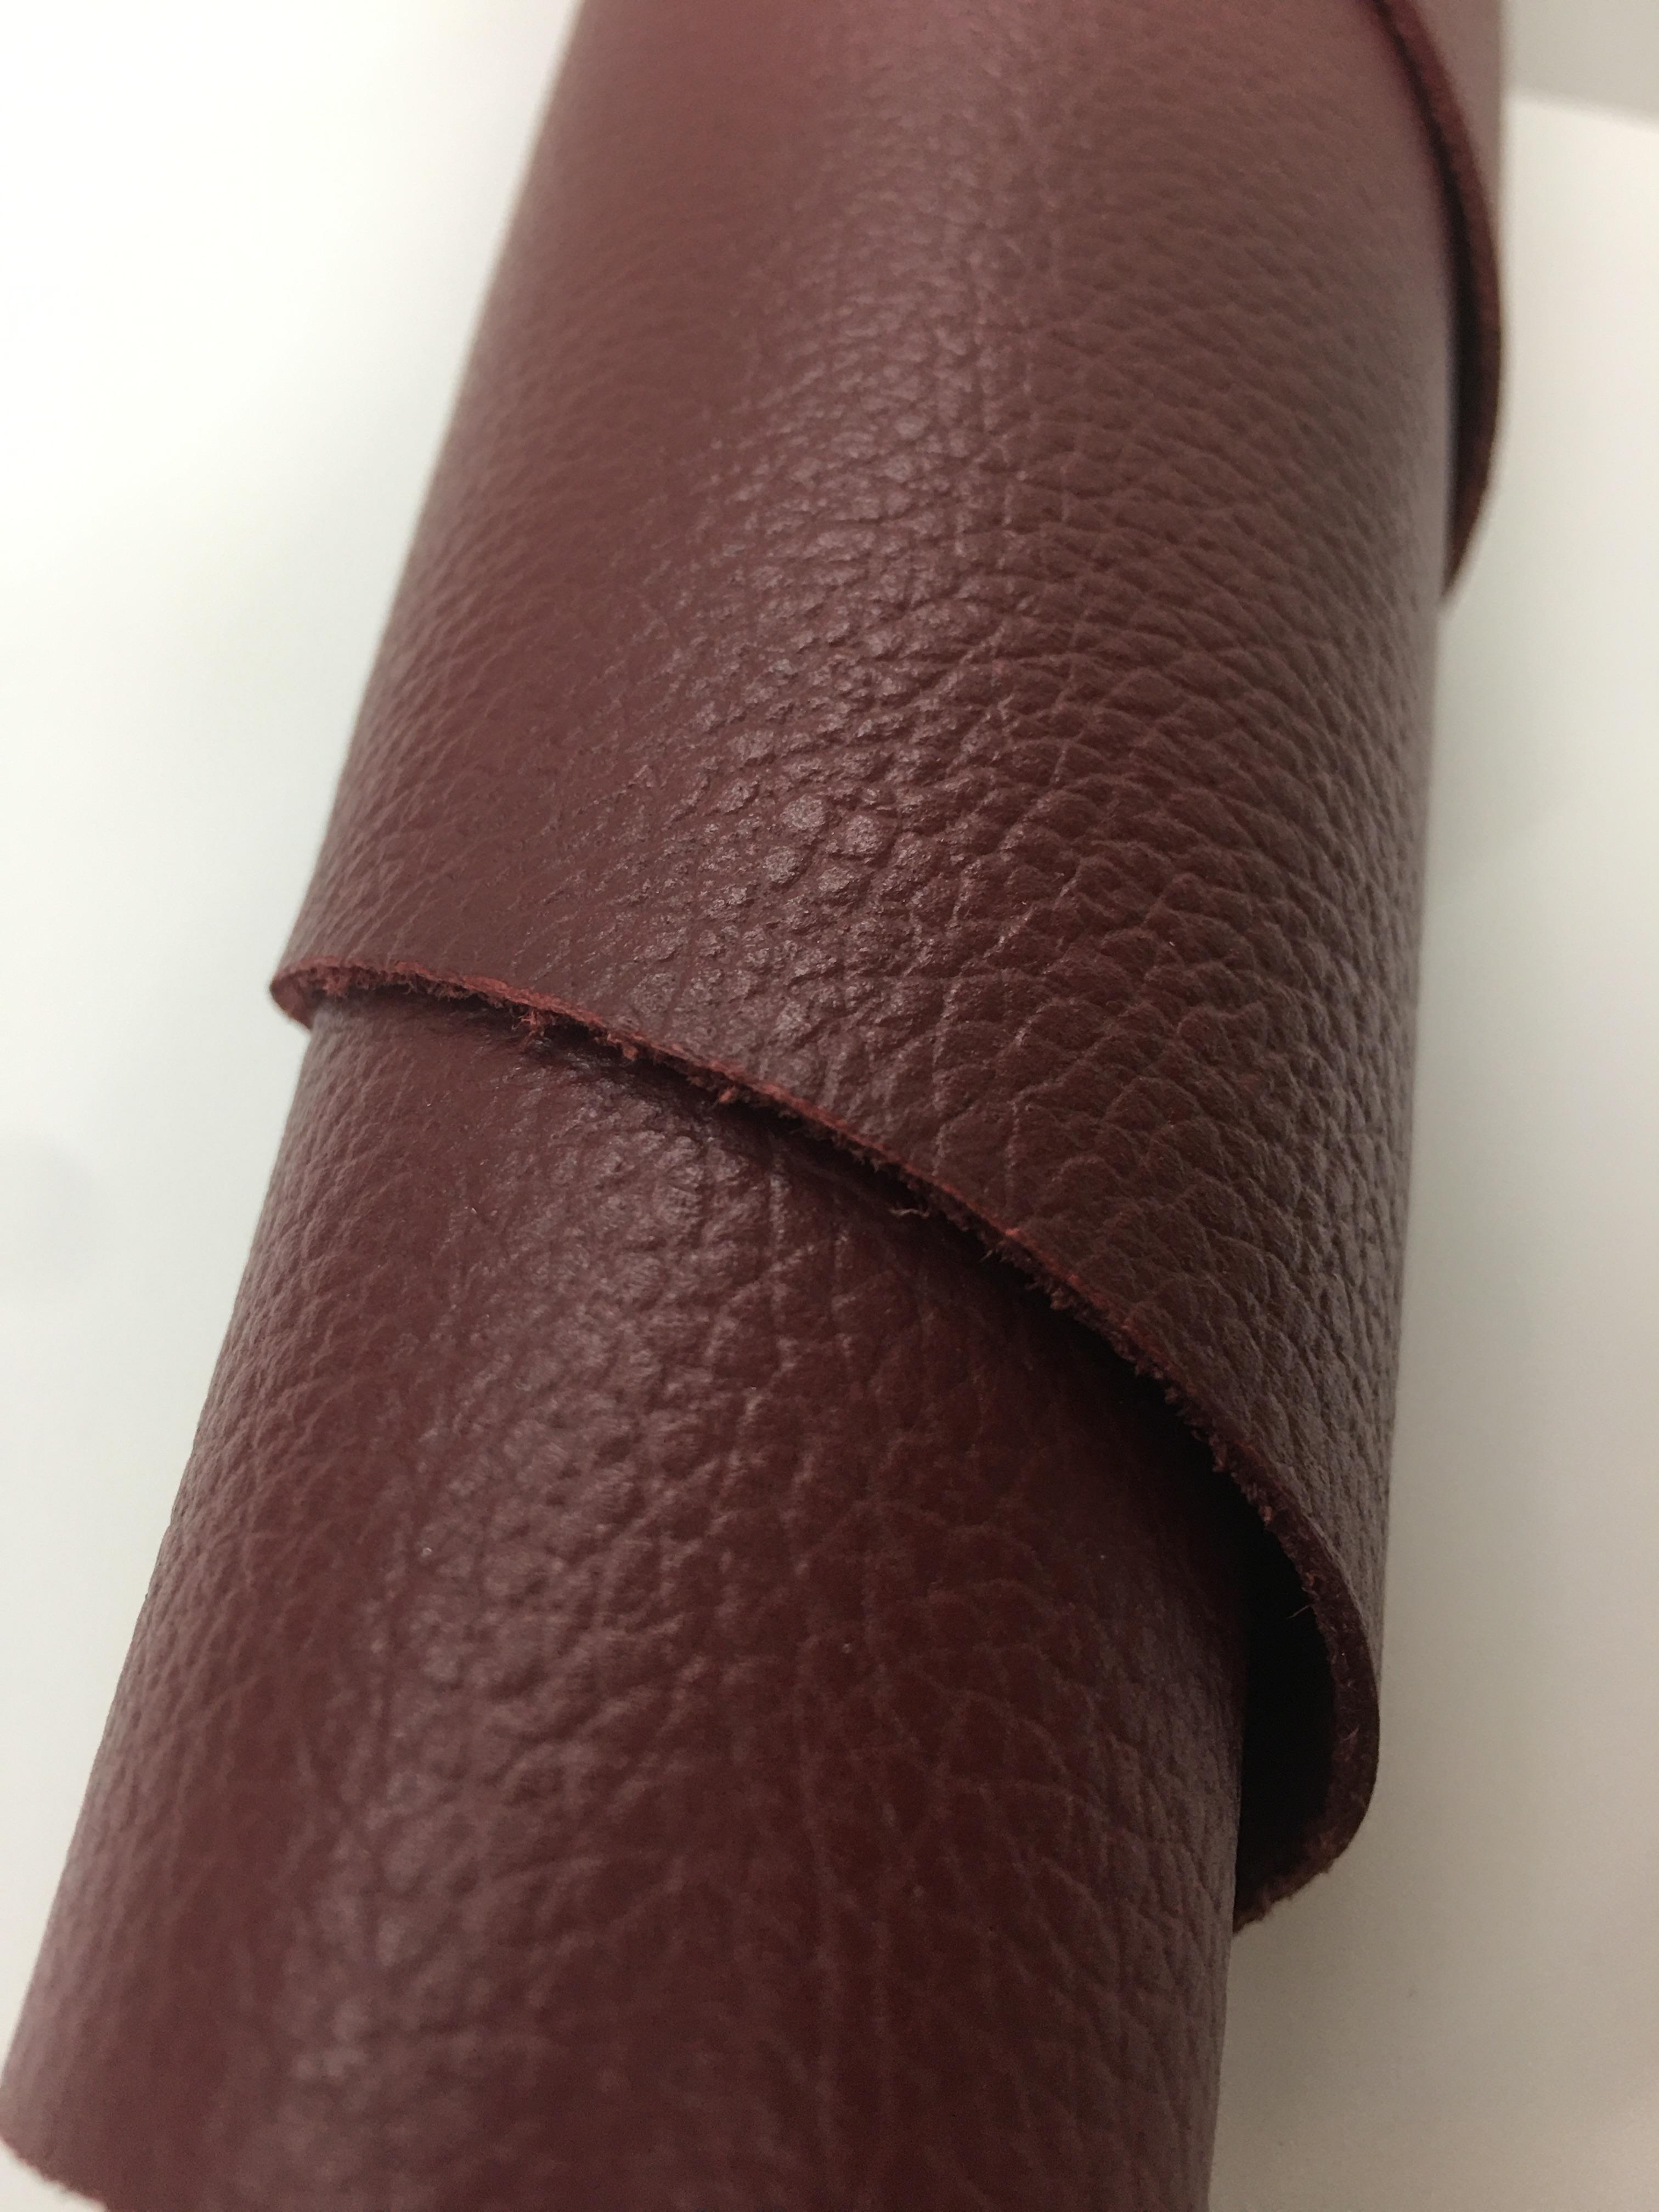 YX124 1.5mm进口头层玫红色荔枝纹进口牛皮硬度微软 7.5\平方英尺